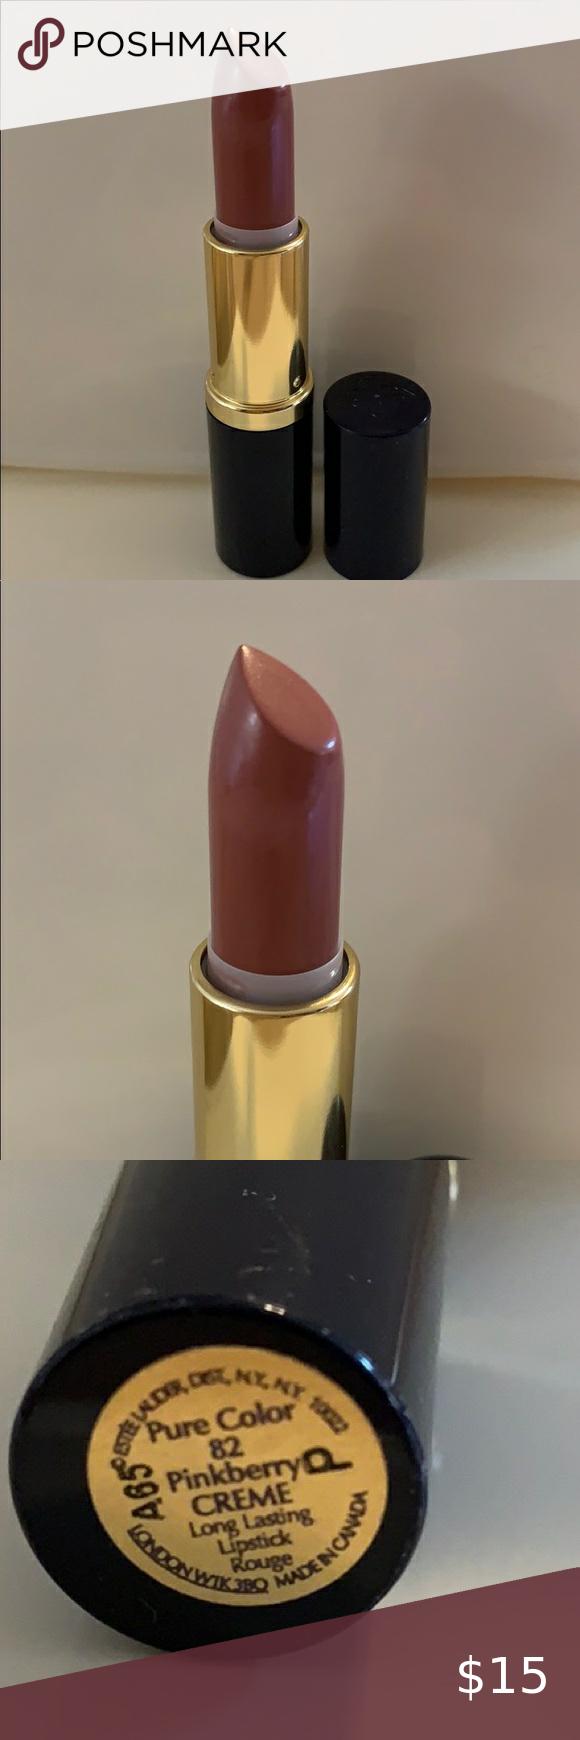 Estée Lauder Lipstick Pinkberry Cream in 2020 Estee